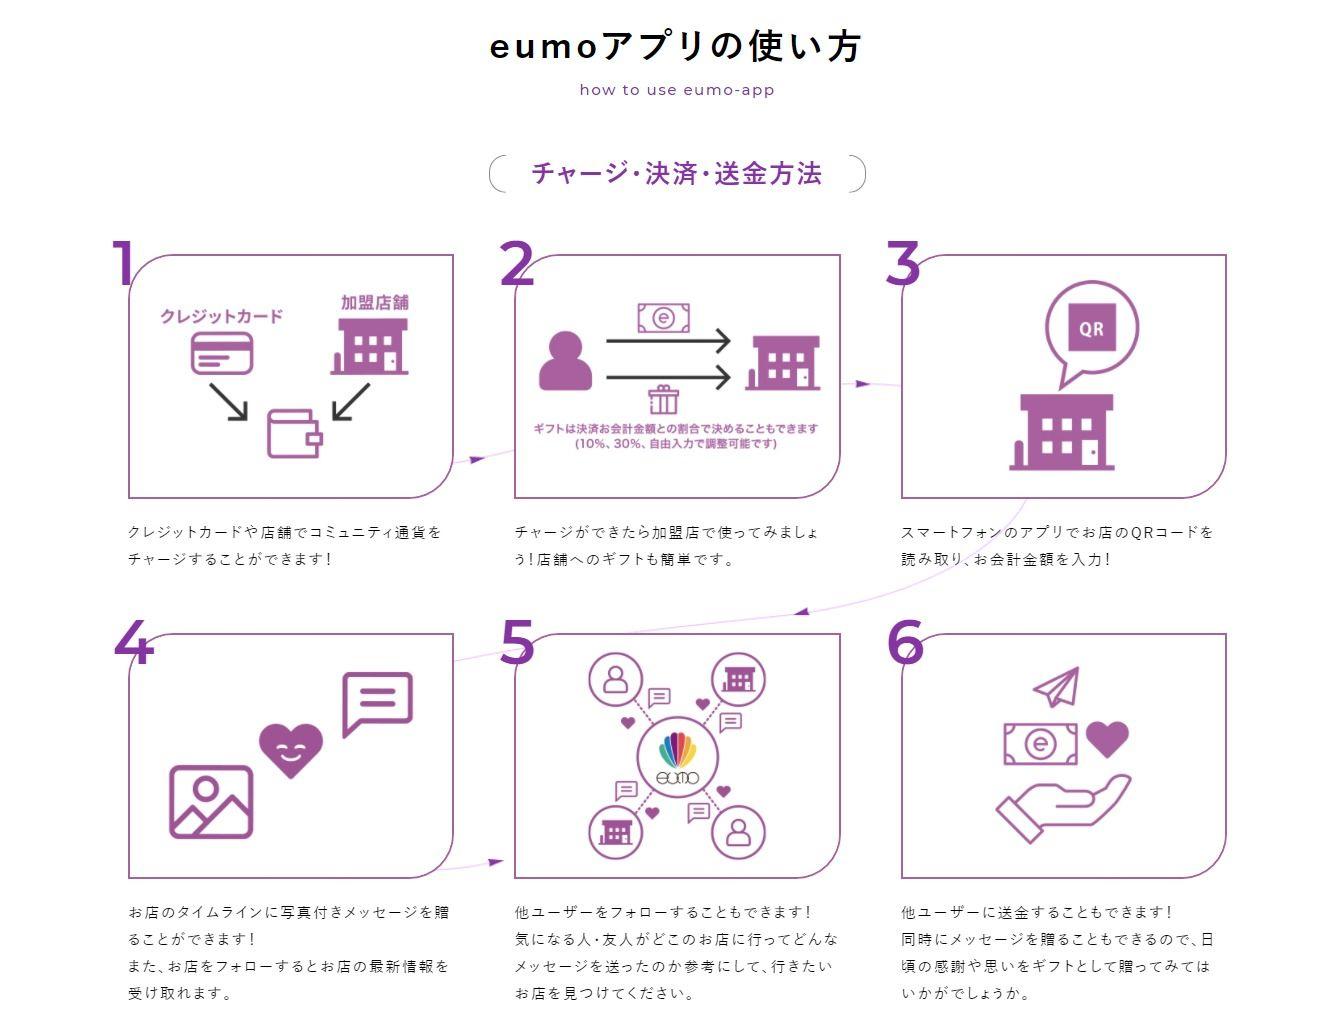 FireShot Capture 240 - 共感コミュニティ通貨eumo - currency.eumo.co.jp.jpg